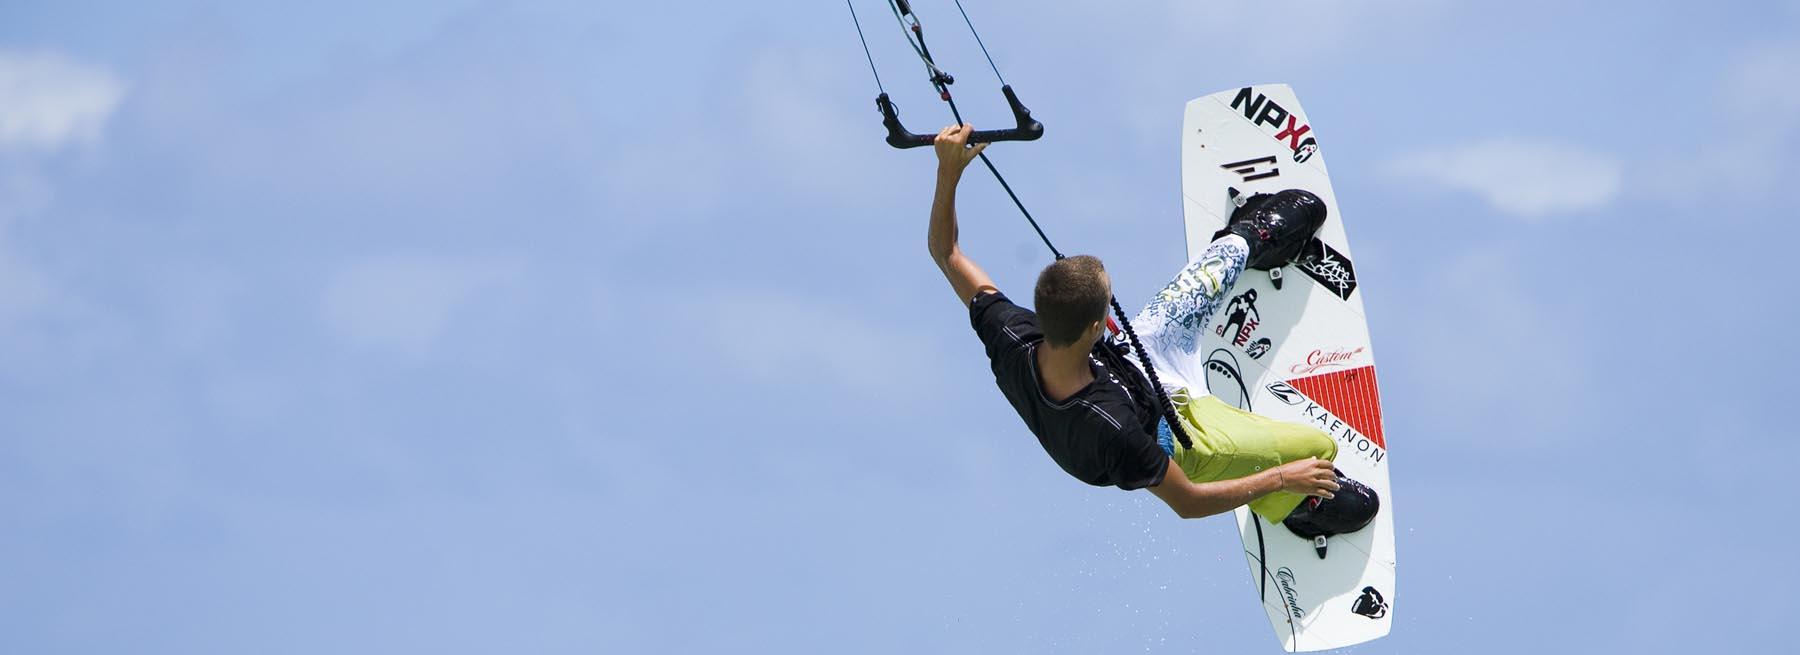 Delphina Windsurf, sole e divertimento a Porto Pollo  Sardegna